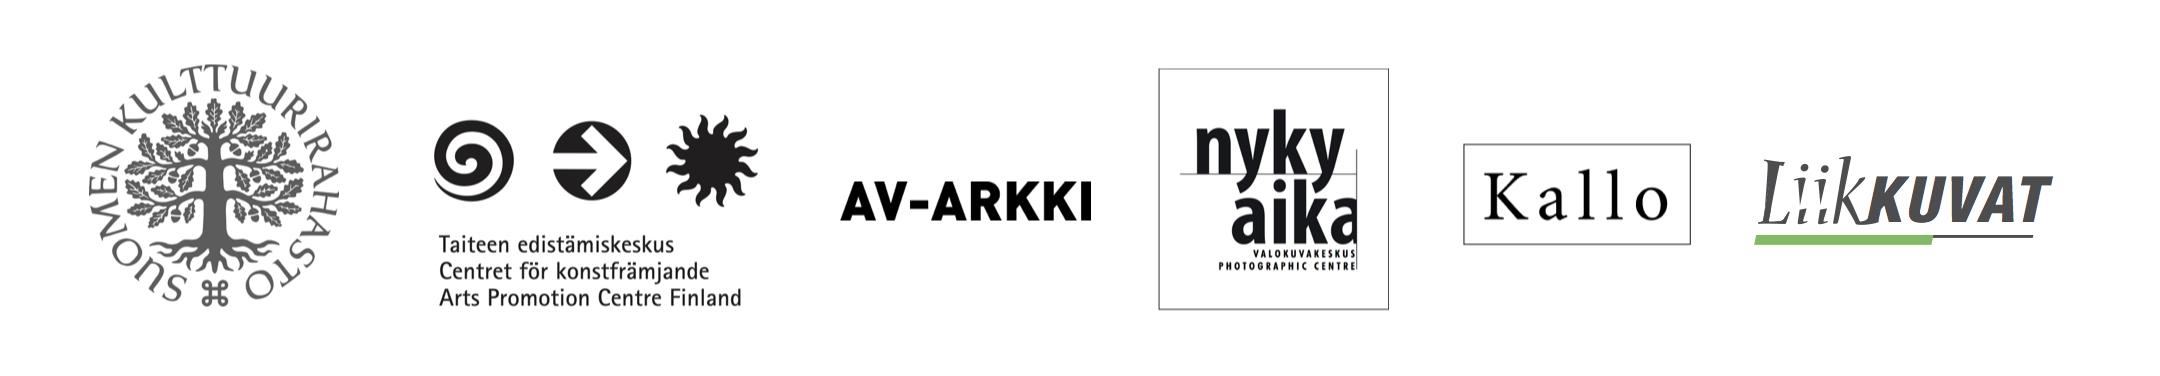 Logopalkki_Liikkuvat